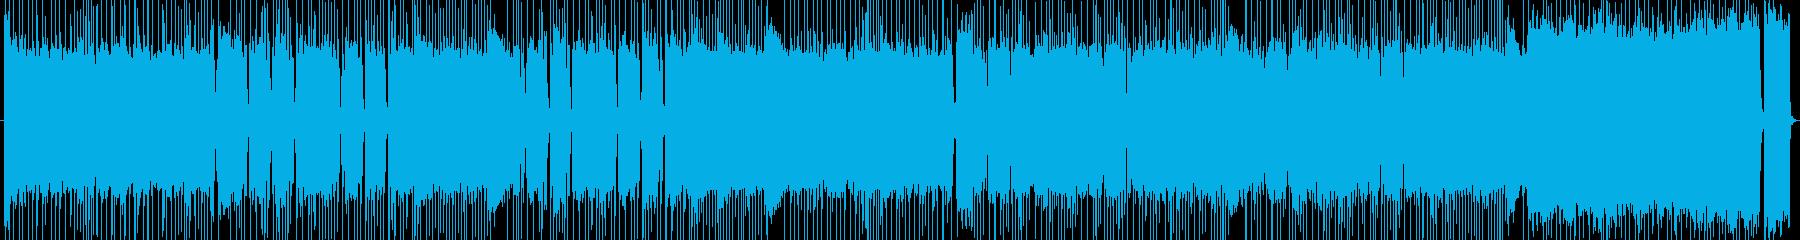 ギターリフがかっこいい曲の再生済みの波形